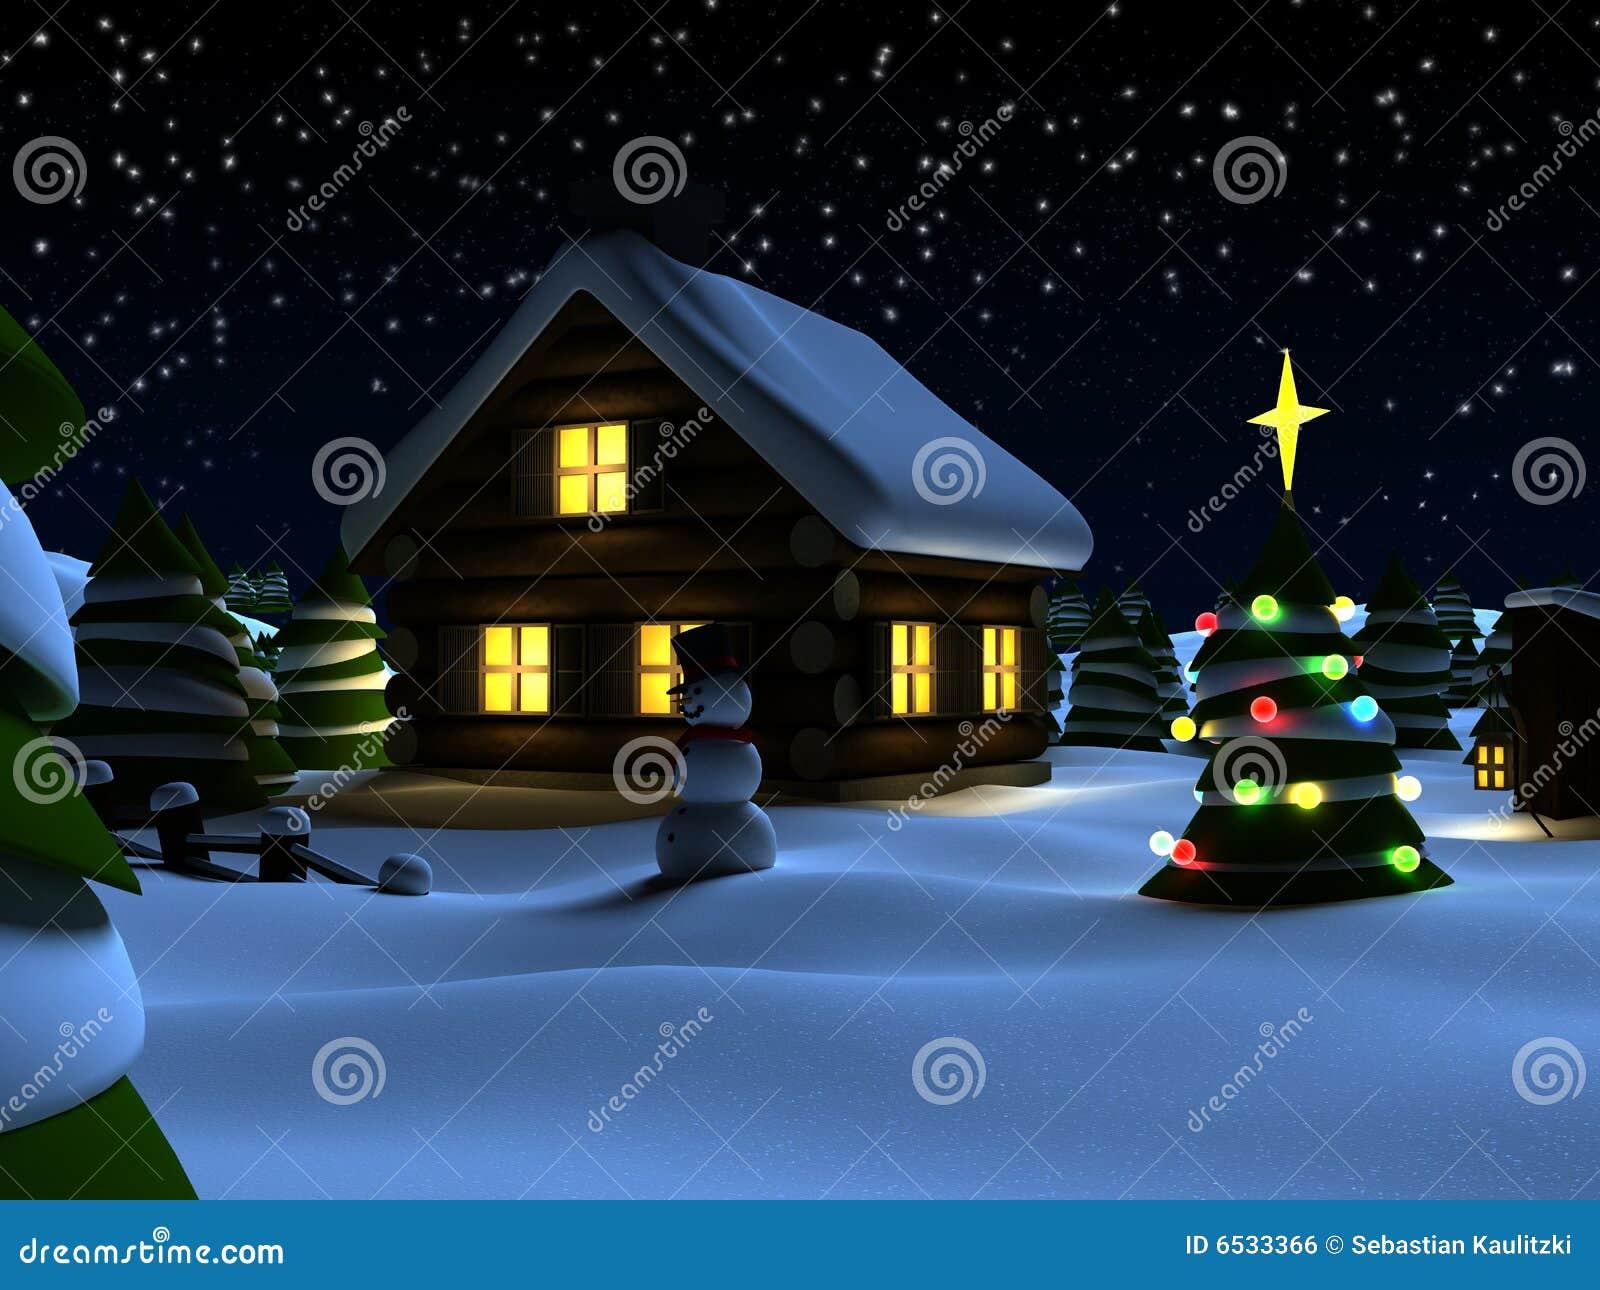 Weihnachtsszene stock abbildung. Illustration von weihnachten - 6533366